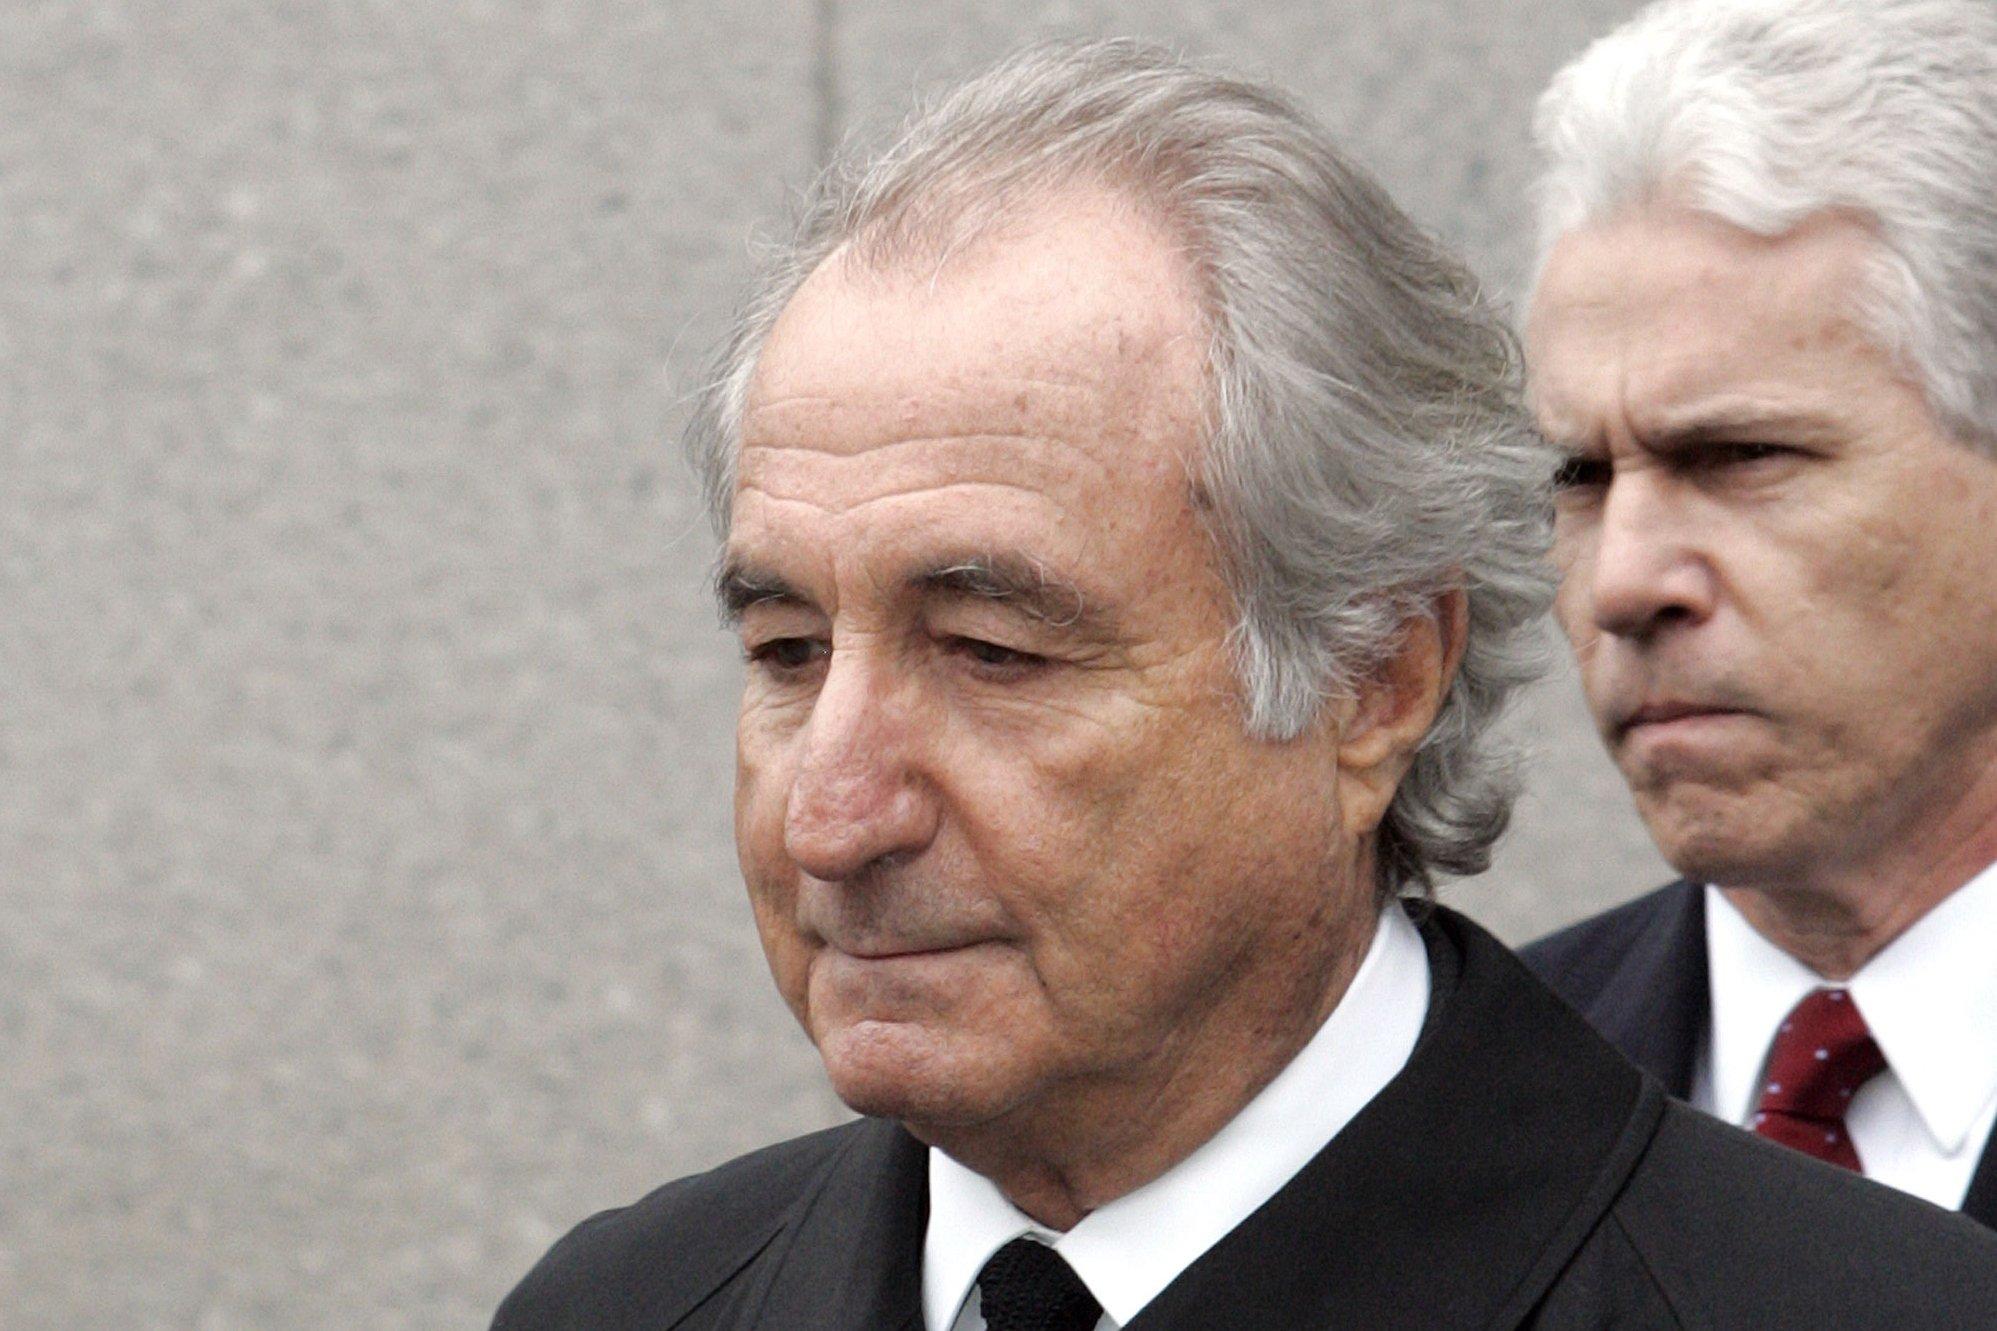 AP source: Ponzi schemer Bernie Madoff dies in prison